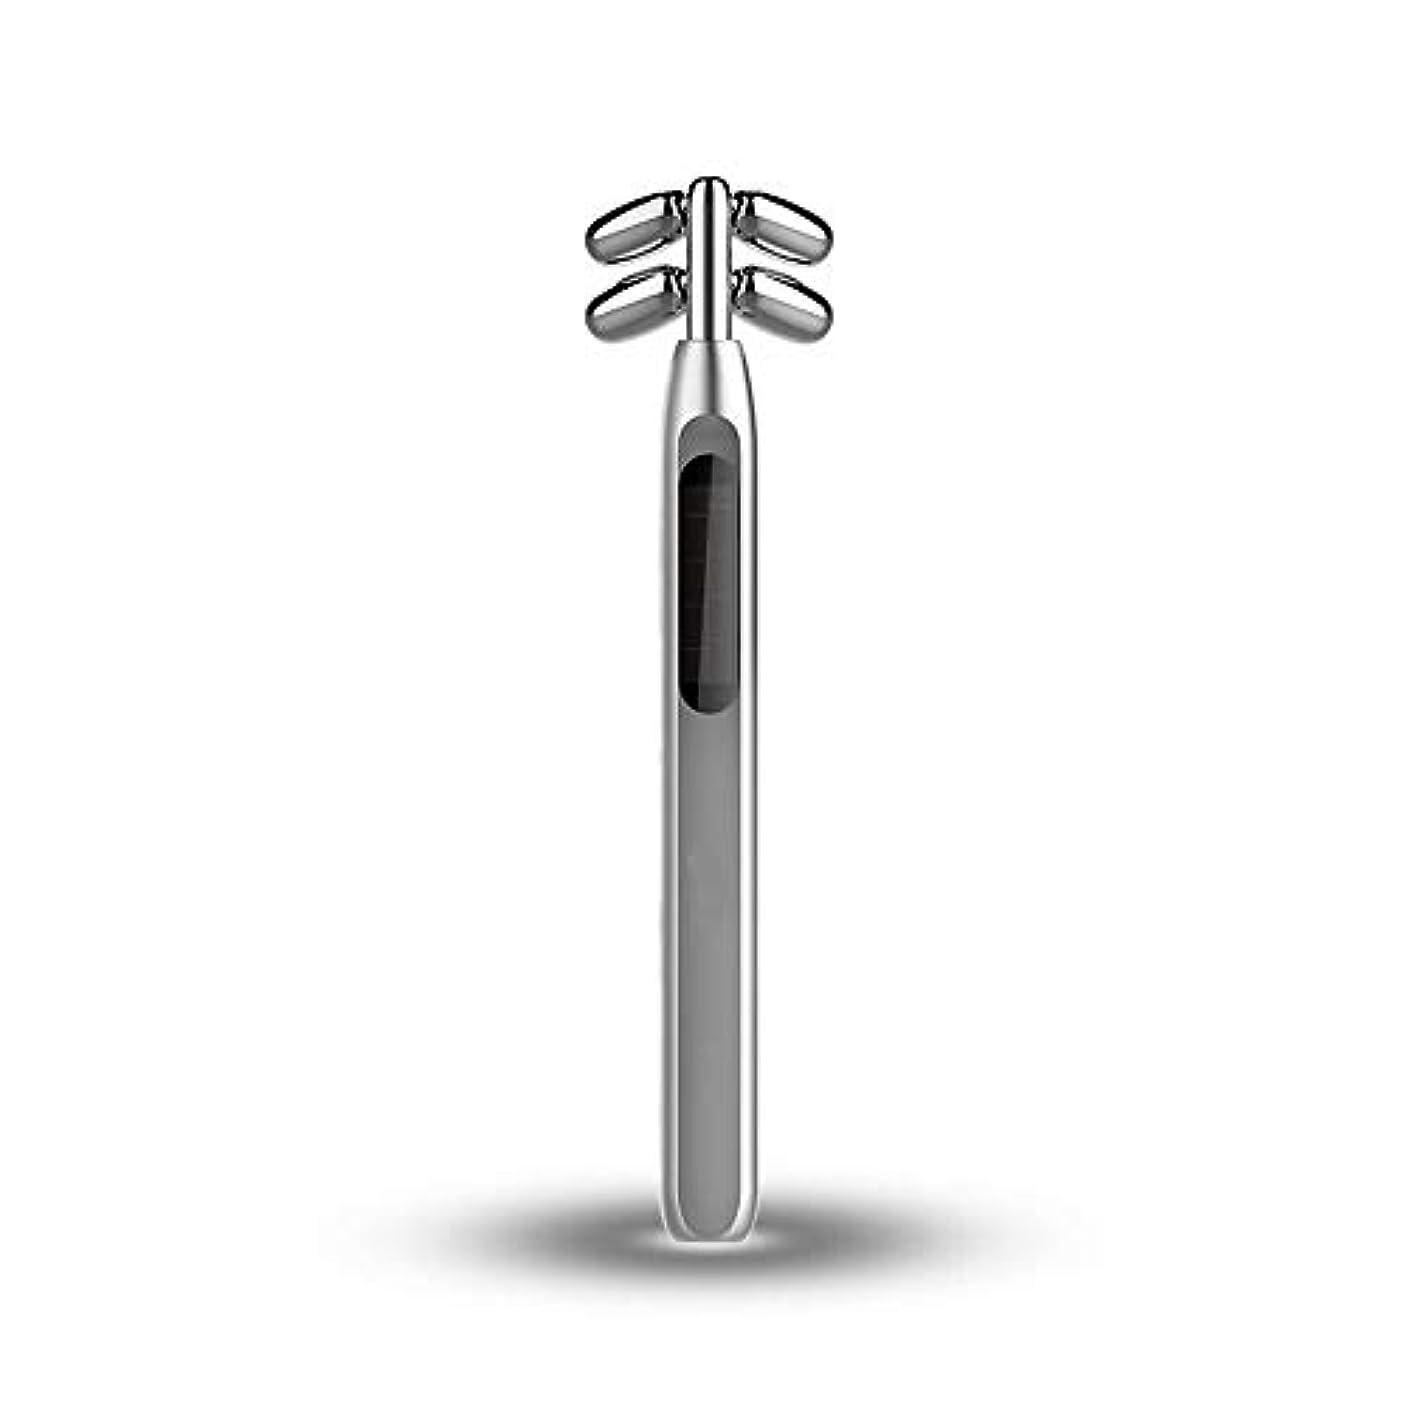 ヒロイック仕事道徳教育ビューティーバーローラー、美容スティックフェイス微小電流マッサージ360度回転4つのローラV顔美容機器を引き締めフェイシャル?フェイスリフトスキン (Color : Silver)